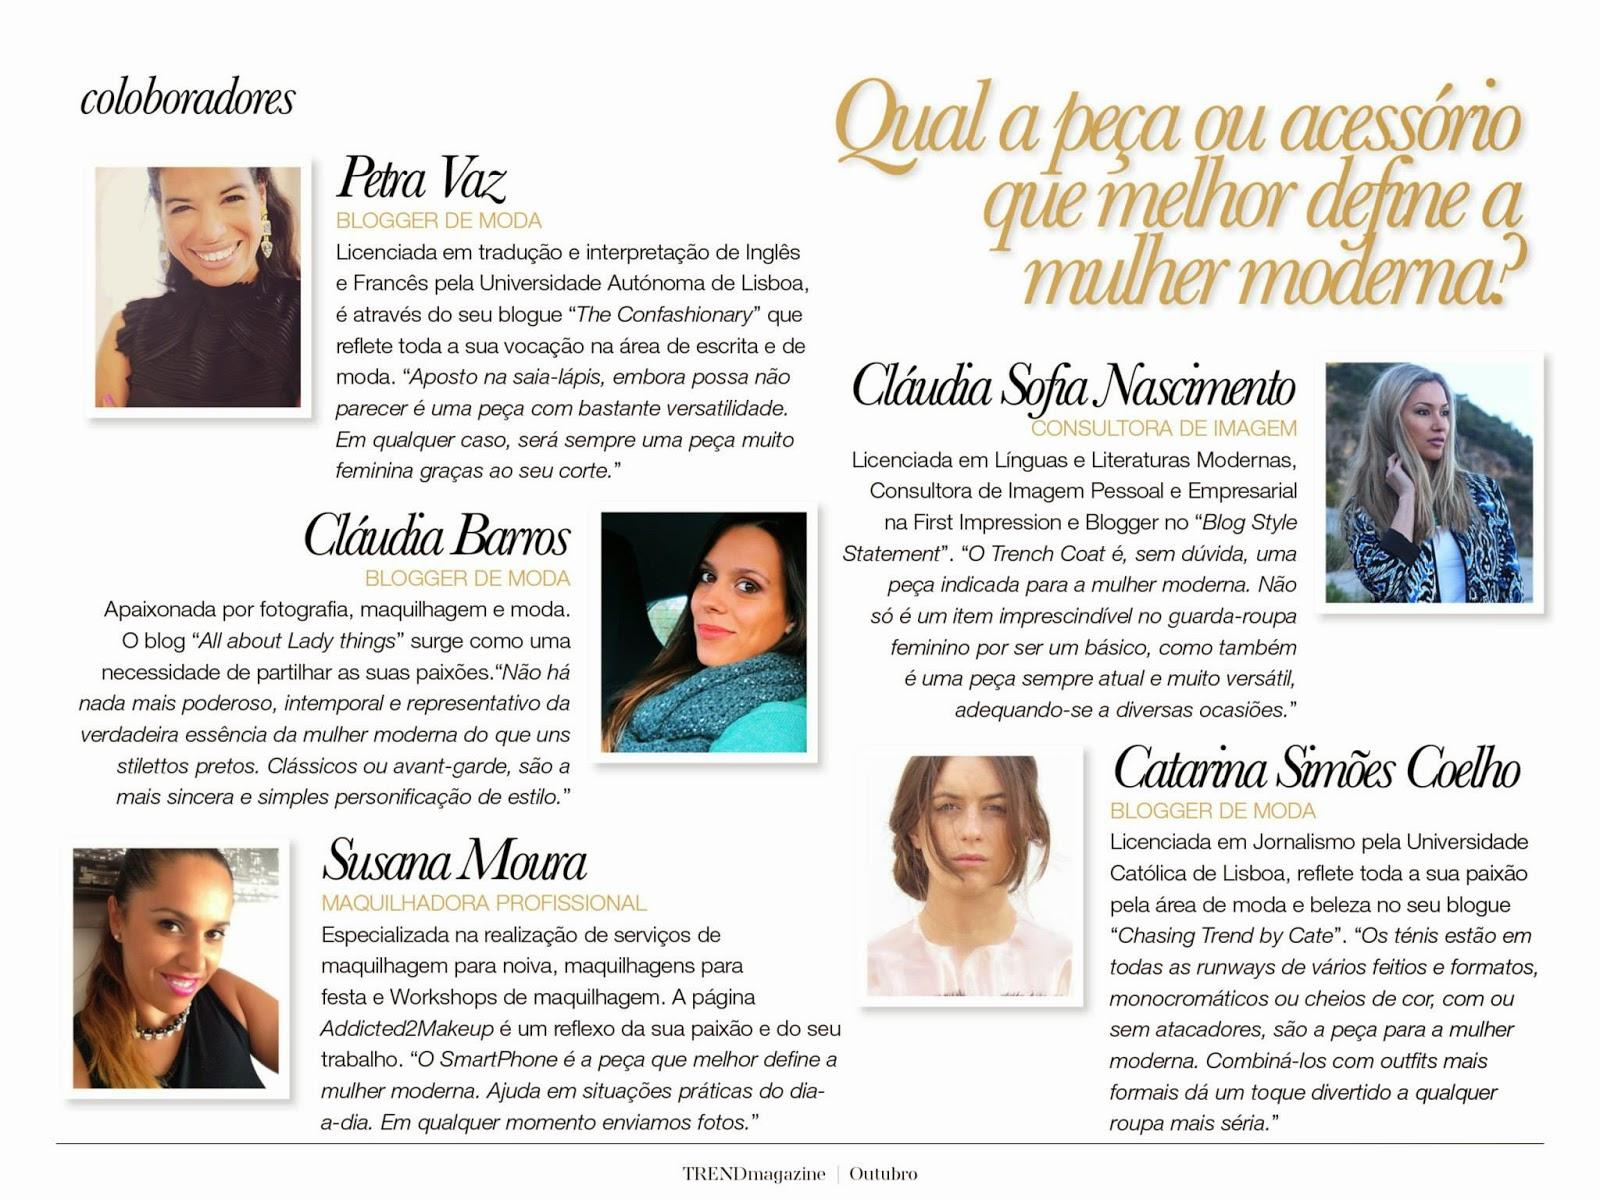 trench coat, mulher moderna, básico, guarda-roupa feminino,  fashion, moda, dicas de imagem pessoal, style statement, peças intemporais, casacos, revista trend magazine, cláudia nascimento, zara, mango, hm, blog de moda portugal, blogues de moda portugueses.